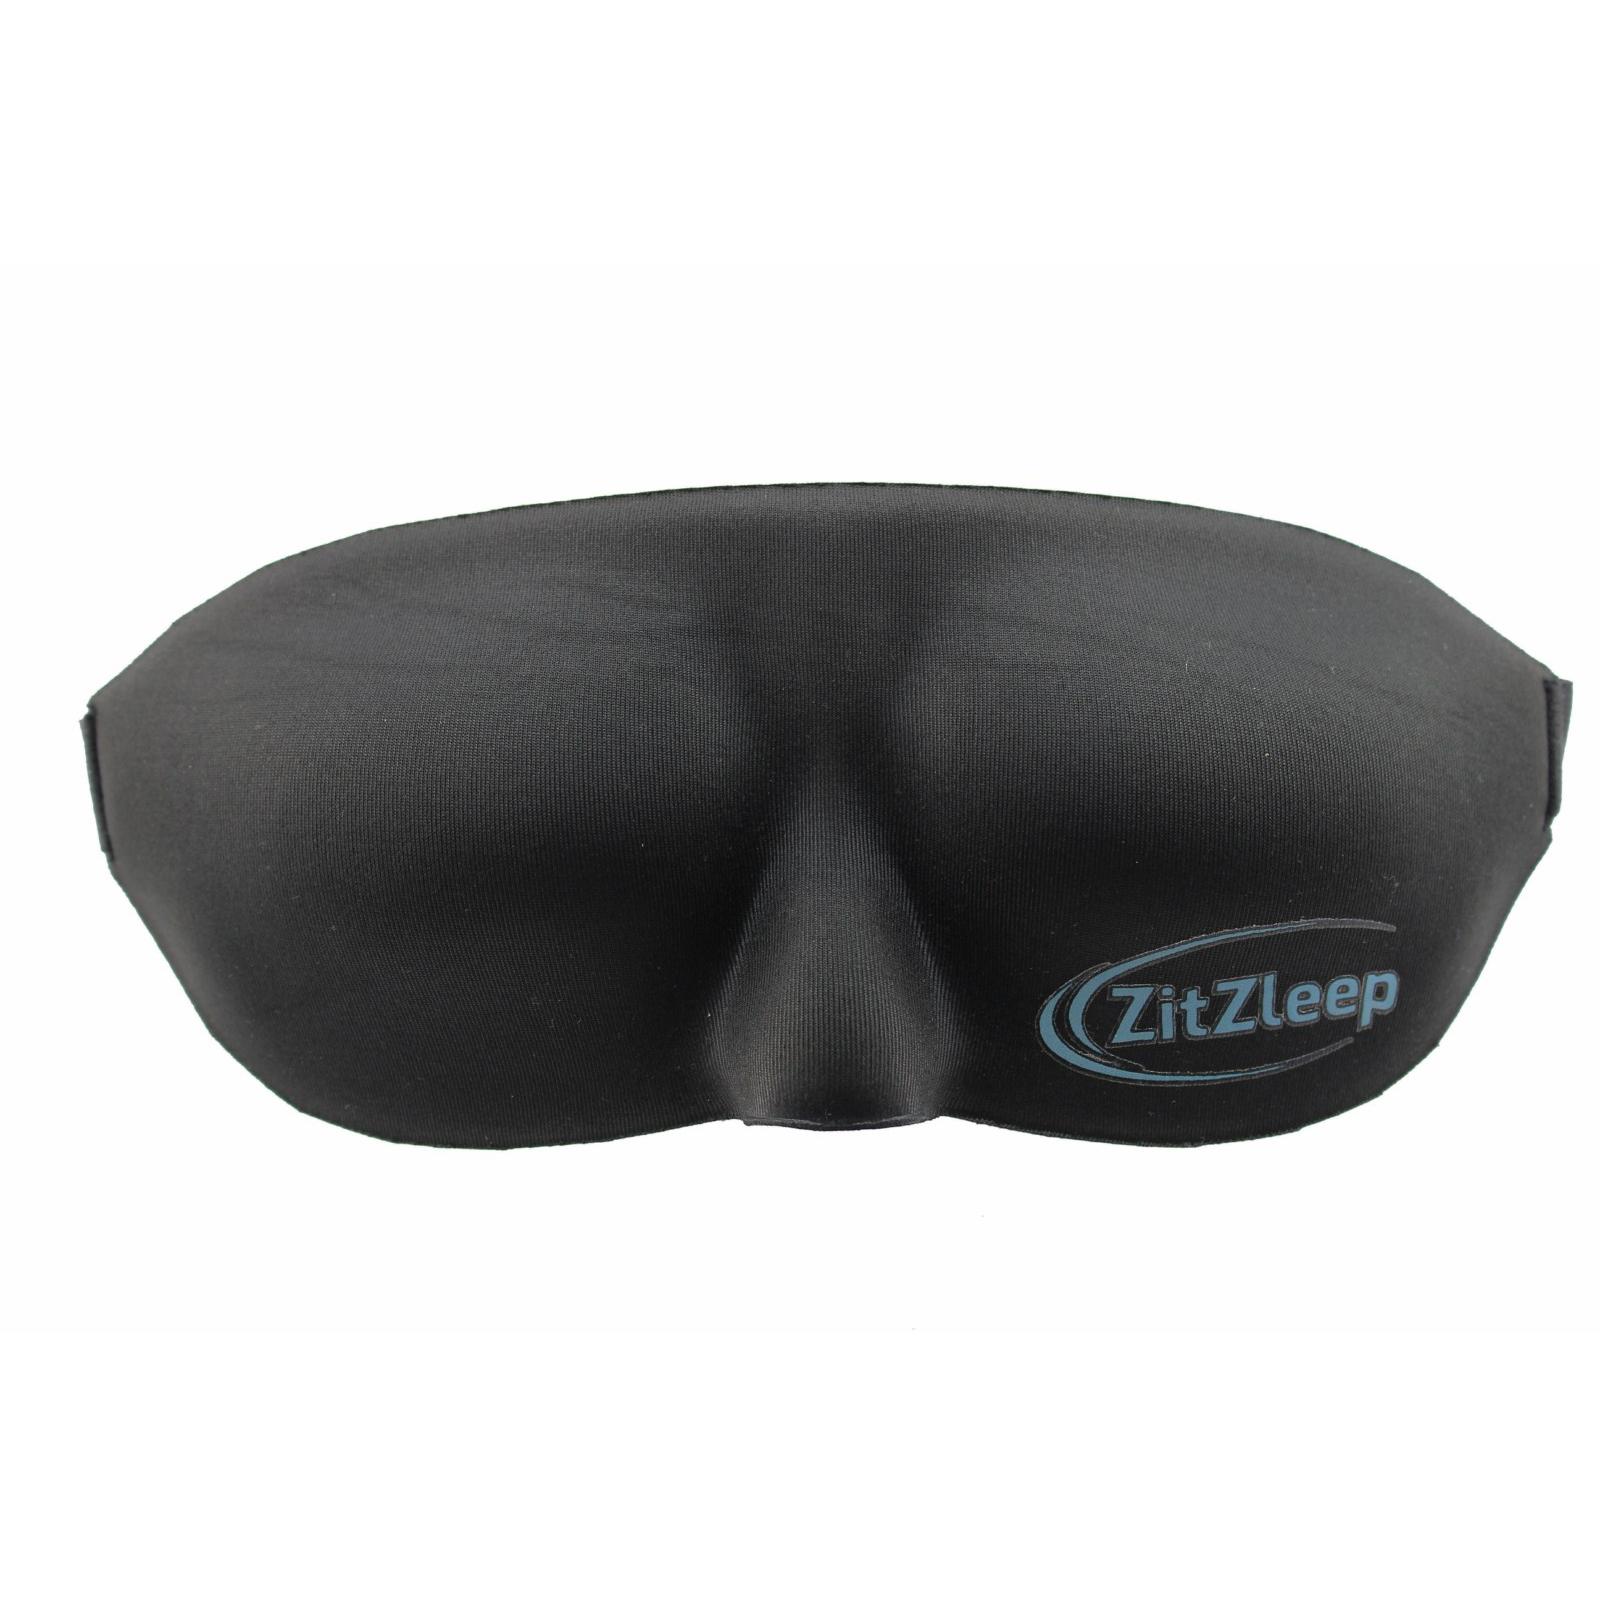 ที่ปิดตาเพื่อสุขภาพ (PL-020) ช่วยในการนอนหลับ